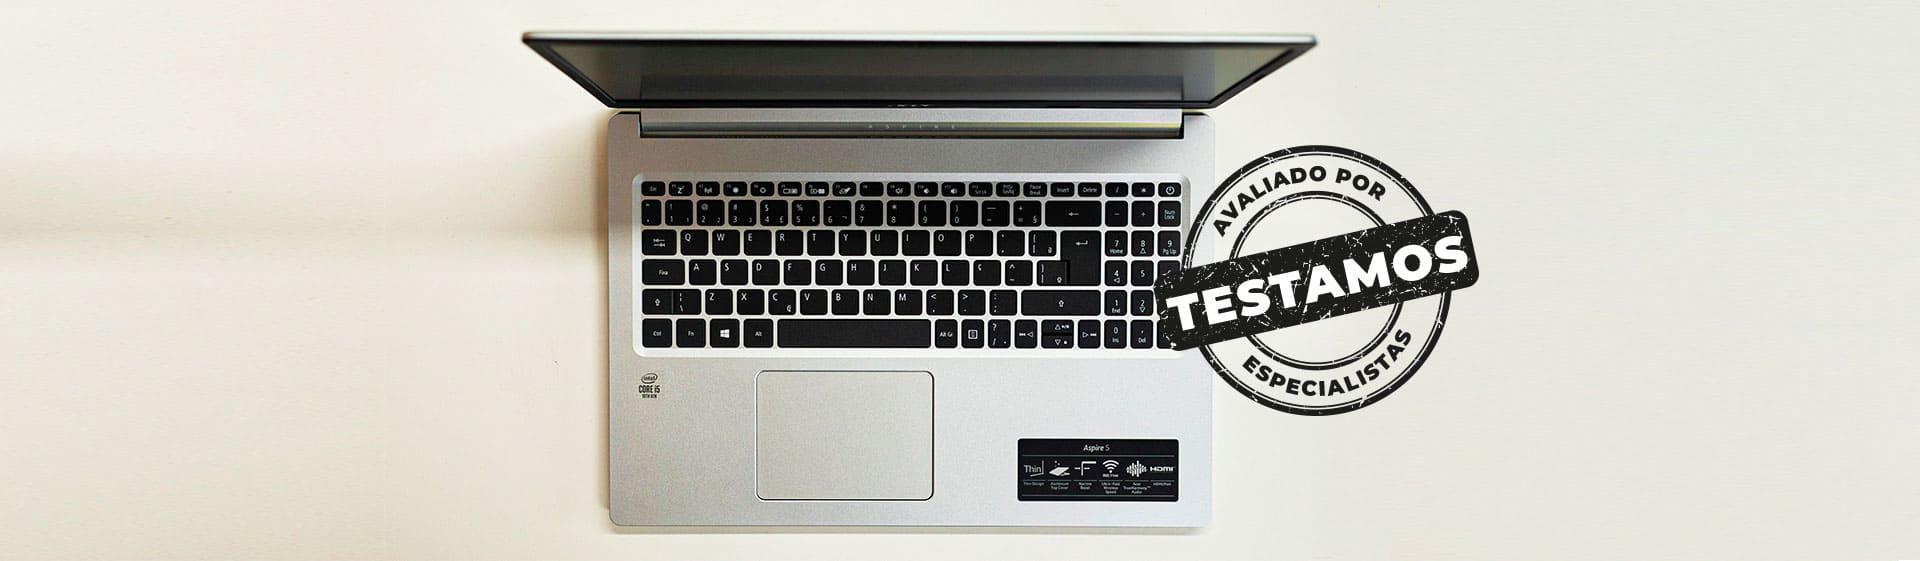 Acer Aspire 5 com i5 e SSD é rápido, mas tela deixa a desejar